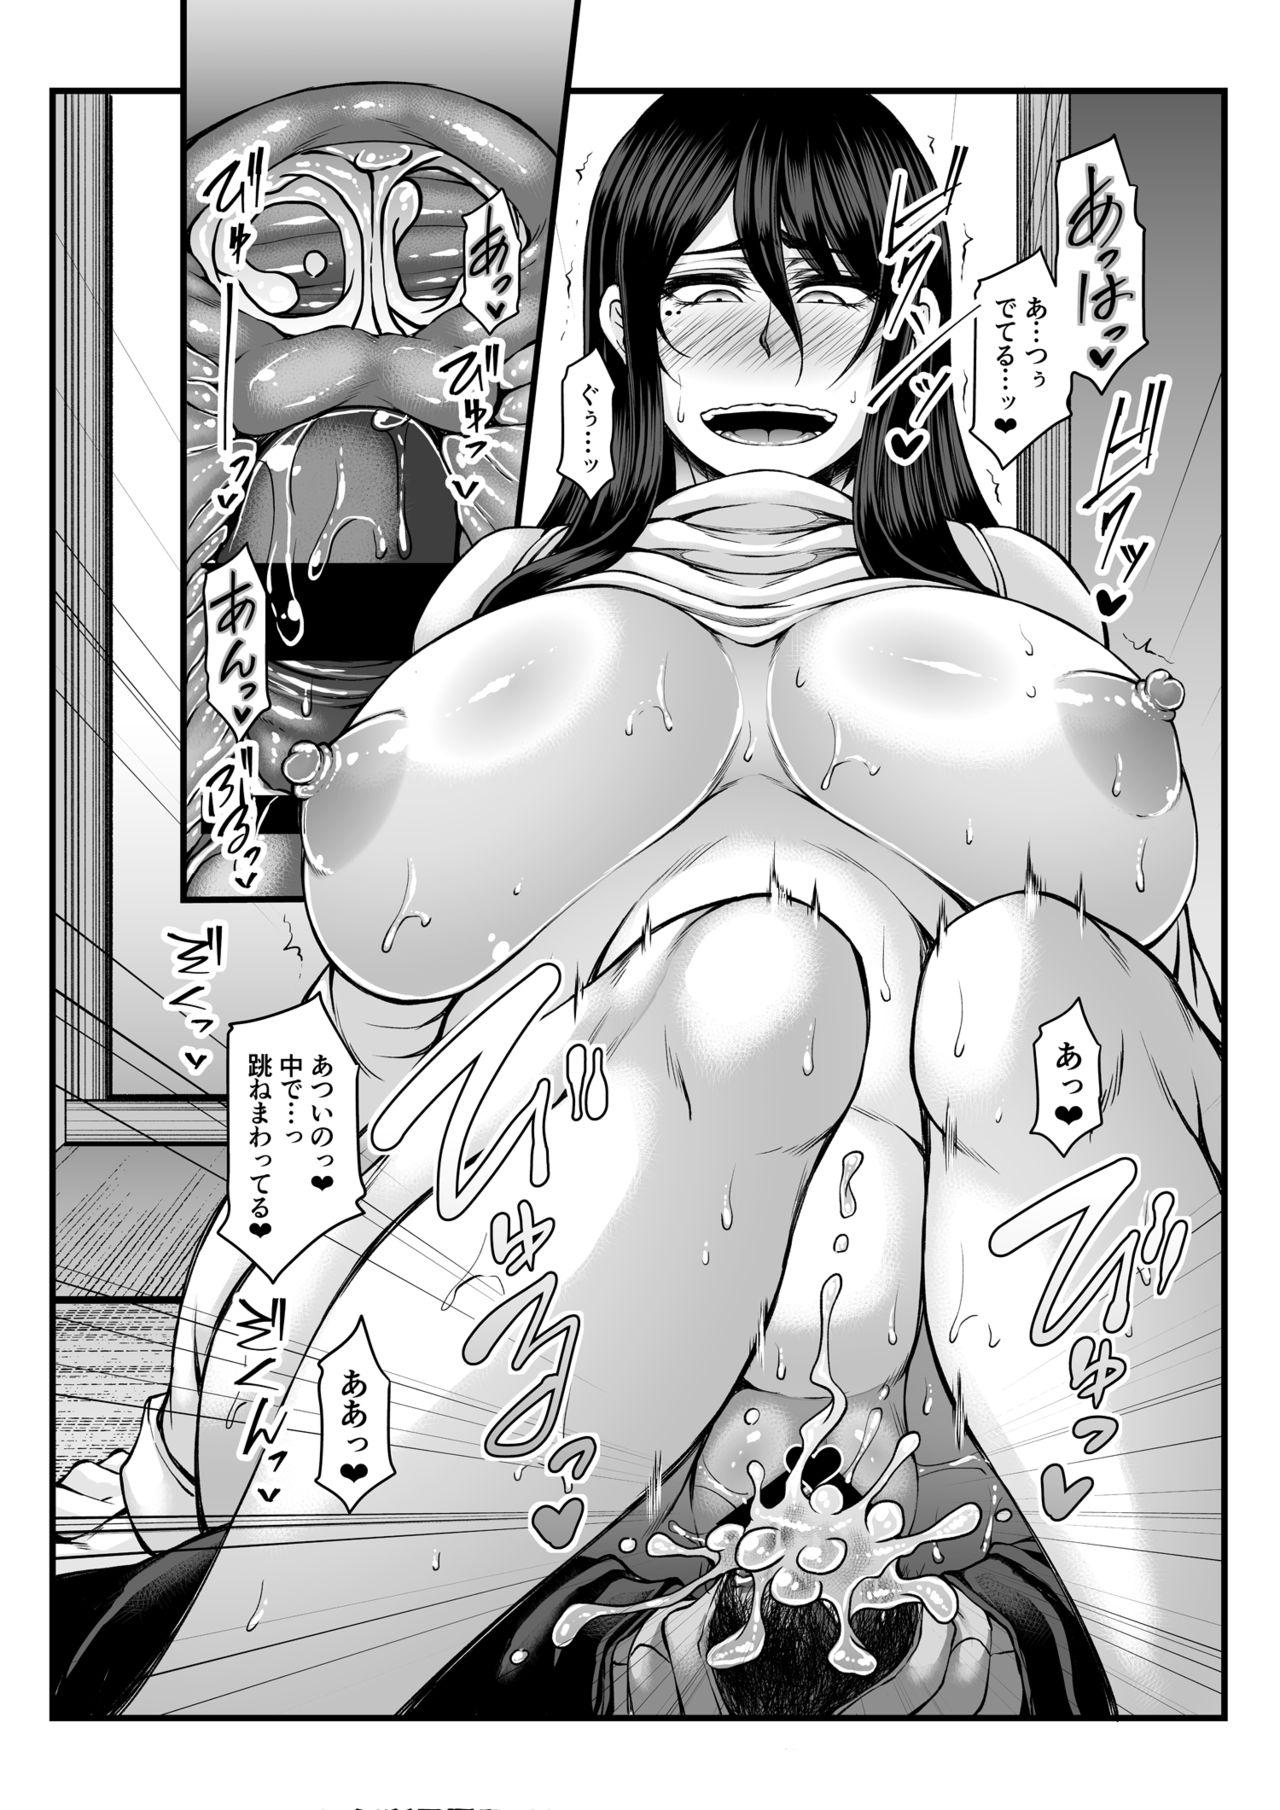 Toshinose wa Tsugou no Ii Nukumori to... 21